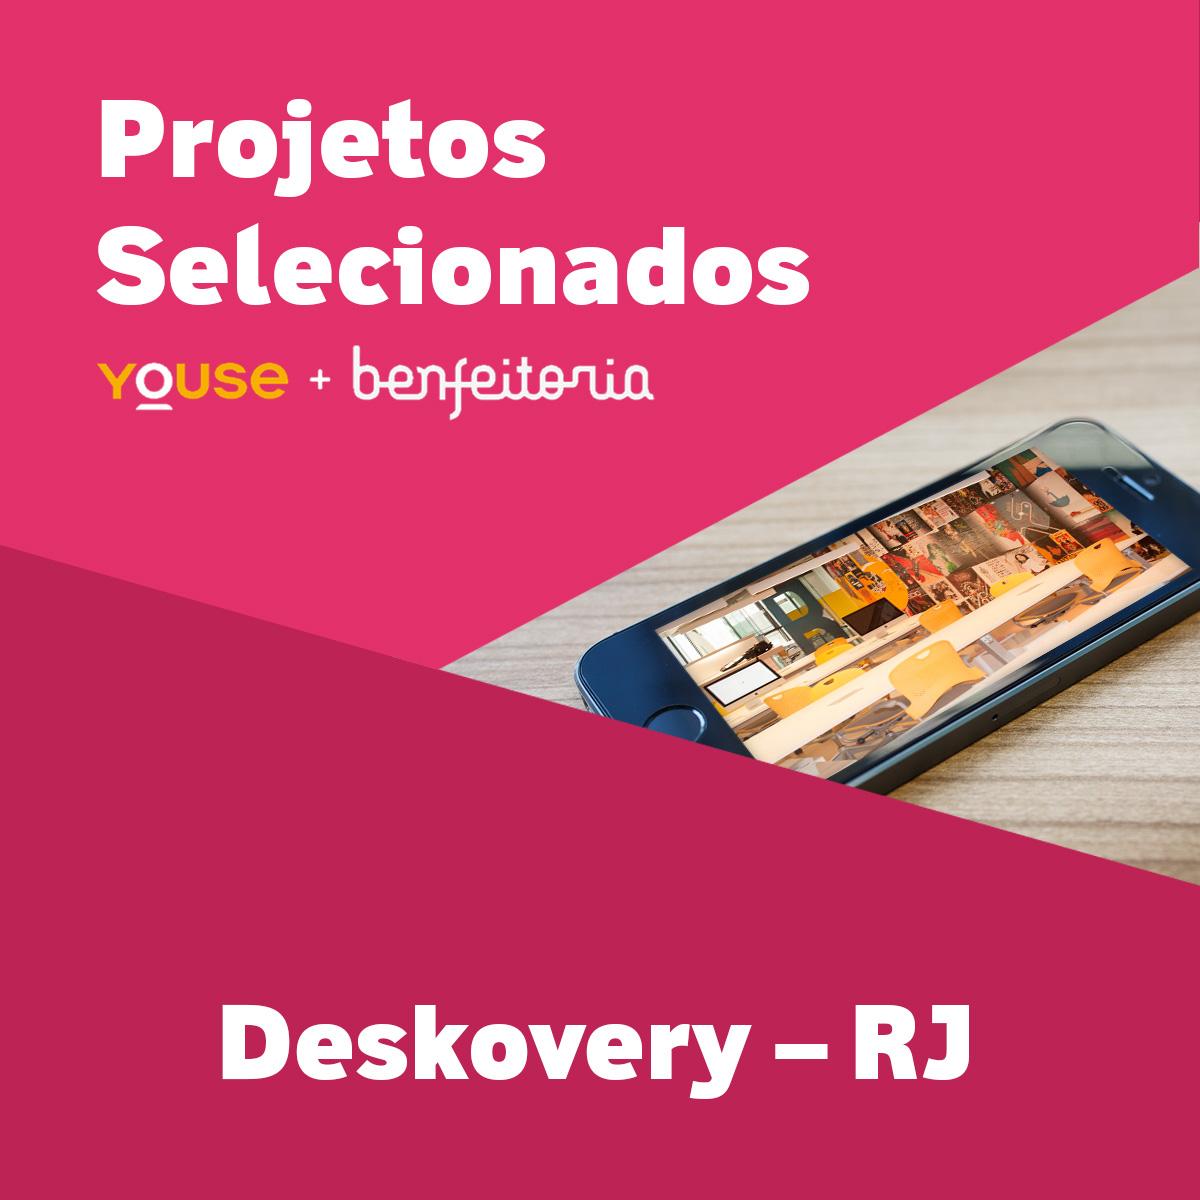 Projetos Selecionados - Deskovery - RJ